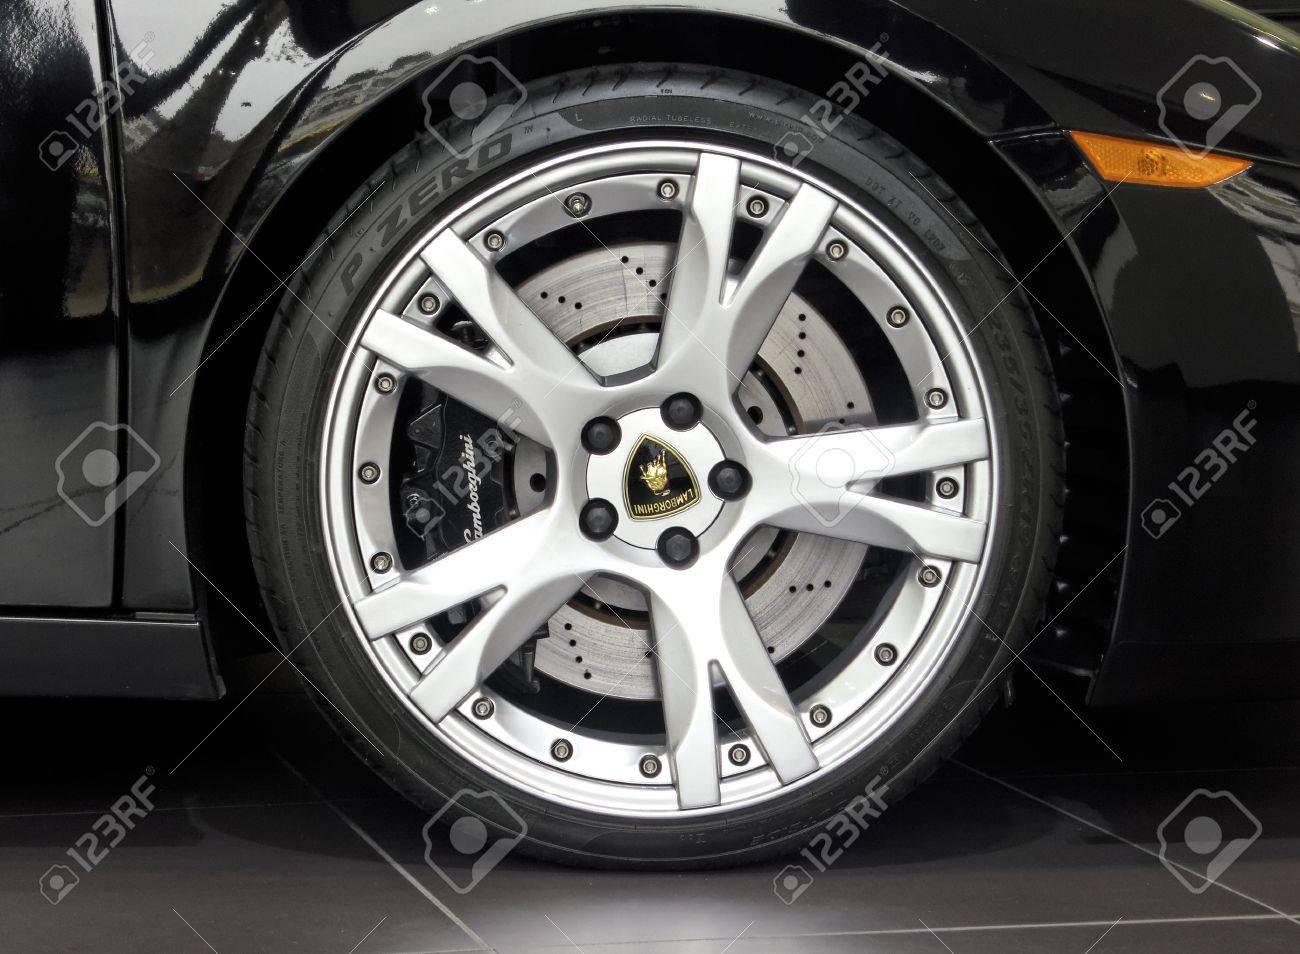 London Uk May 02 2012 Black Lamborghini Gallardo Wheel And